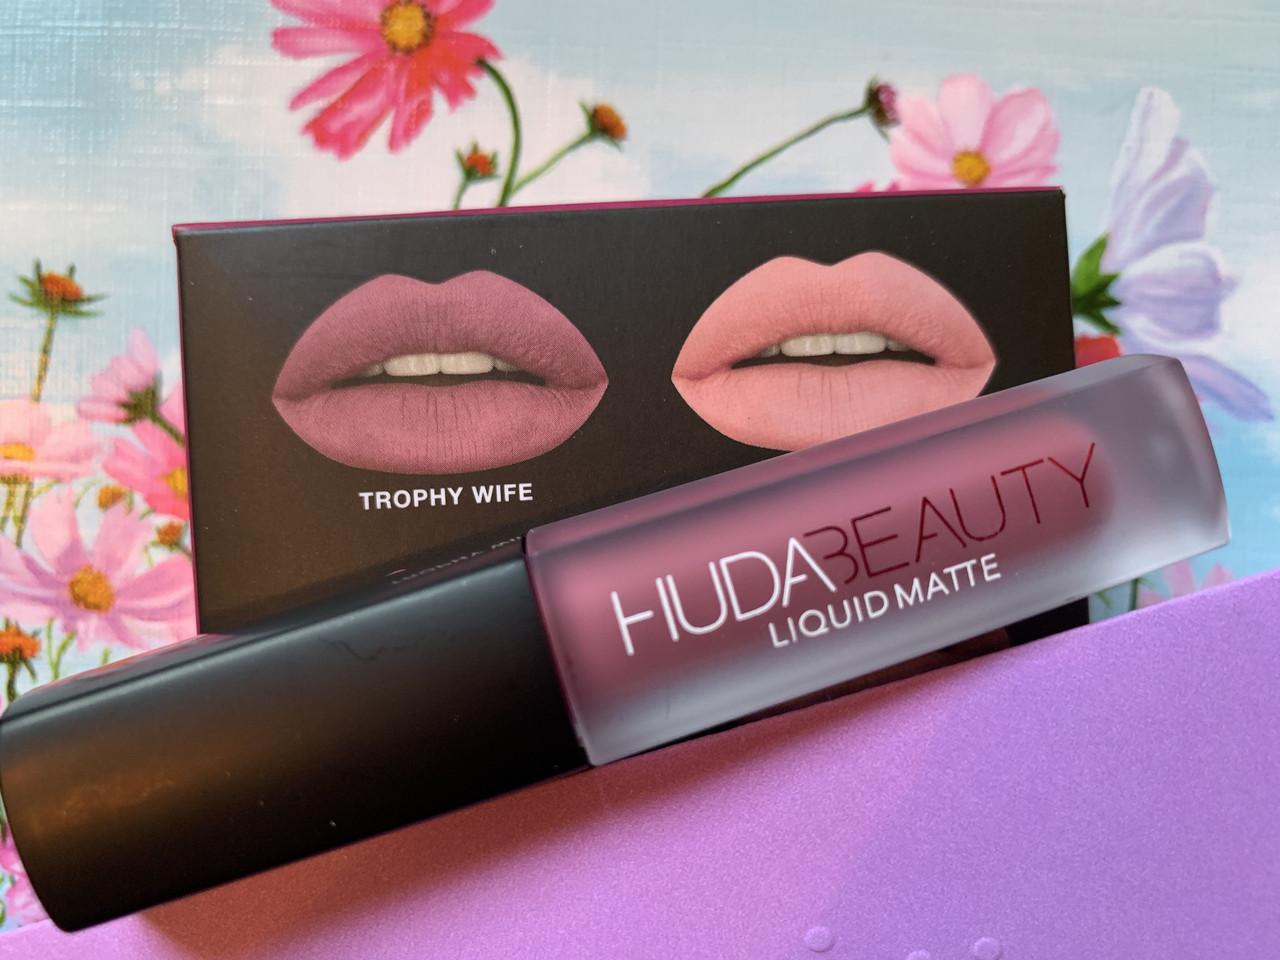 Матовая стойкая помада Huda Beauty цвет Trophy Wife